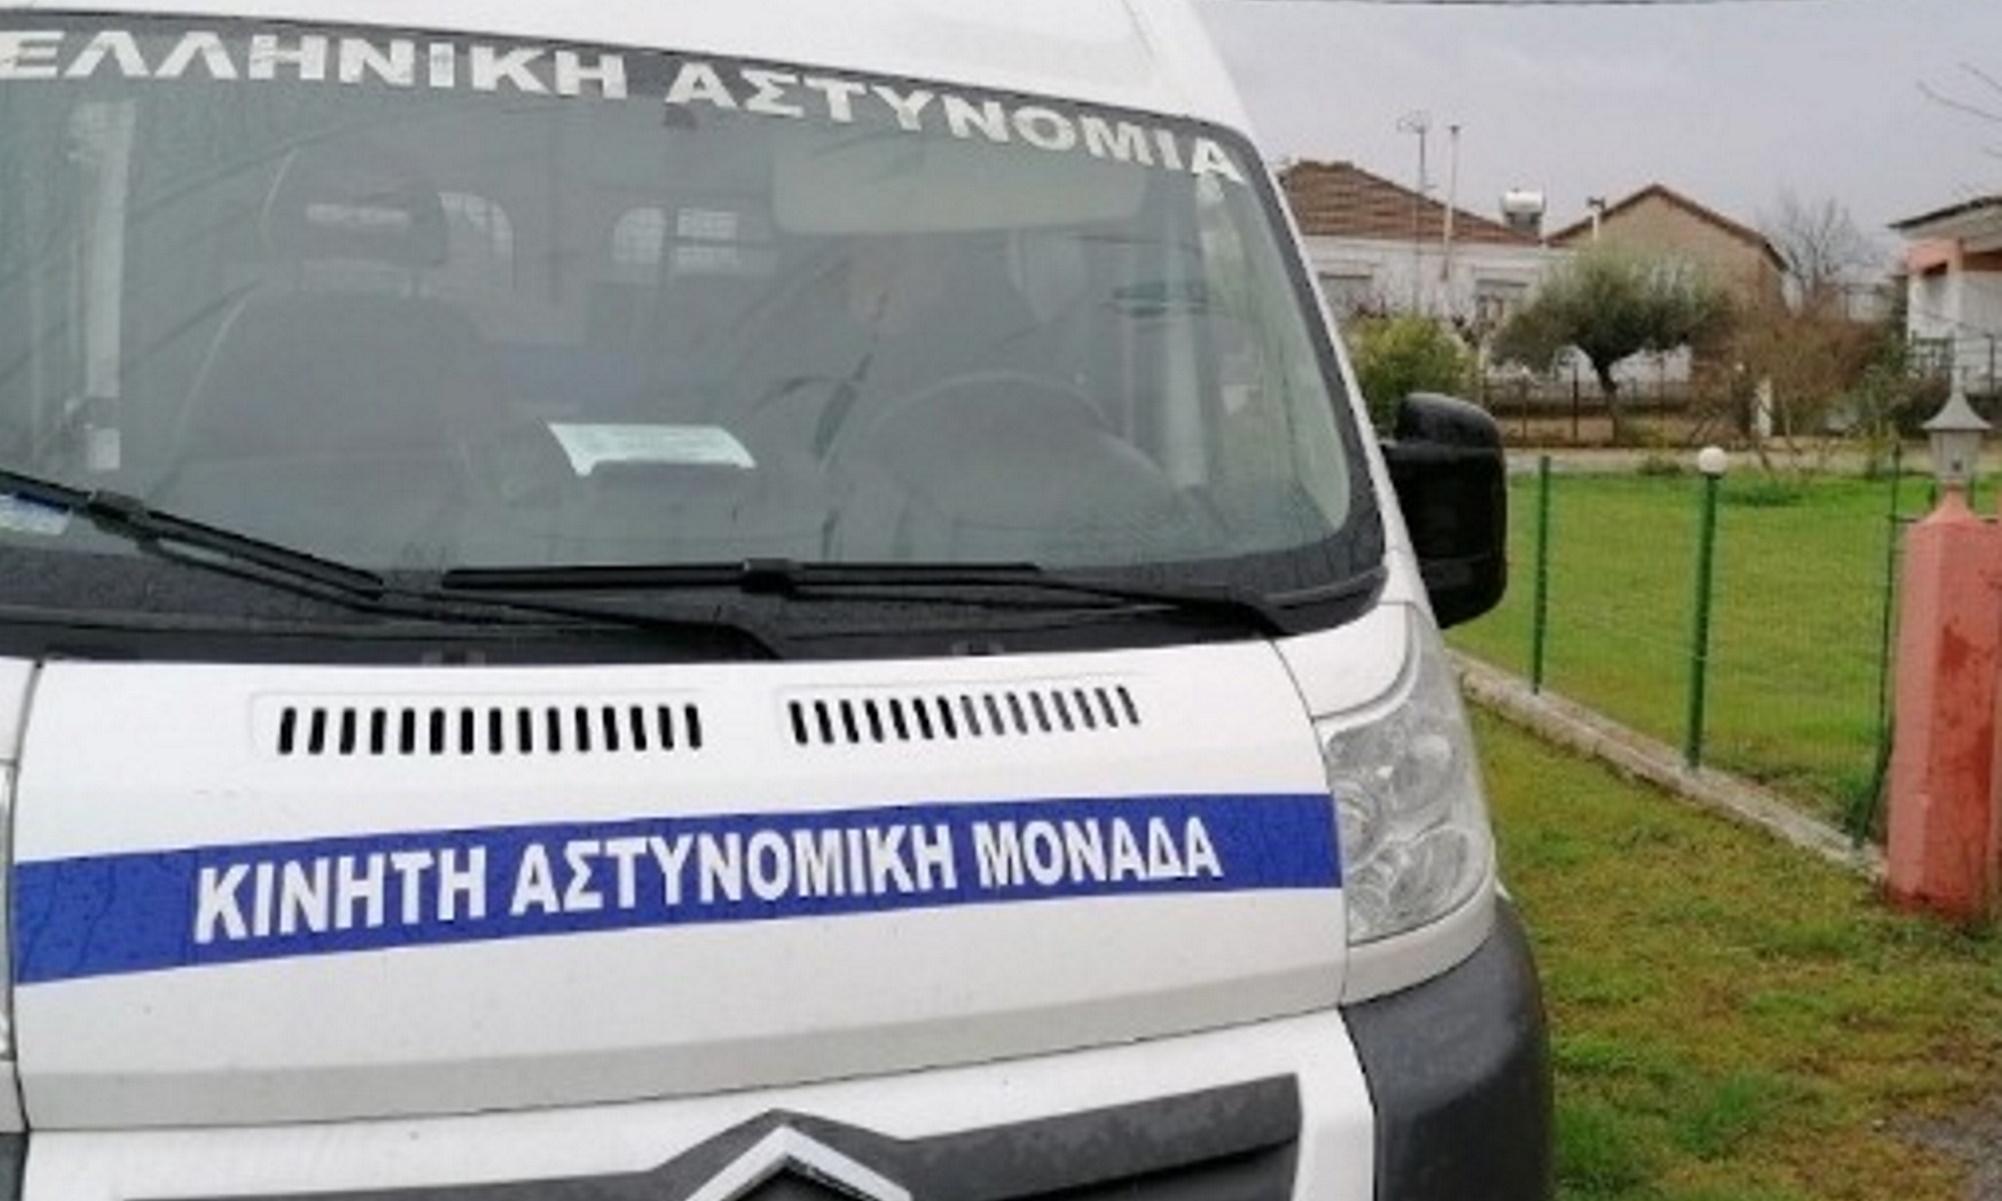 Αστυνομικοί «ακροβάτες» έσωσαν γιαγιά στις Σέρρες – Σκαρφάλωσαν από το μπαλκόνι για να μπουν